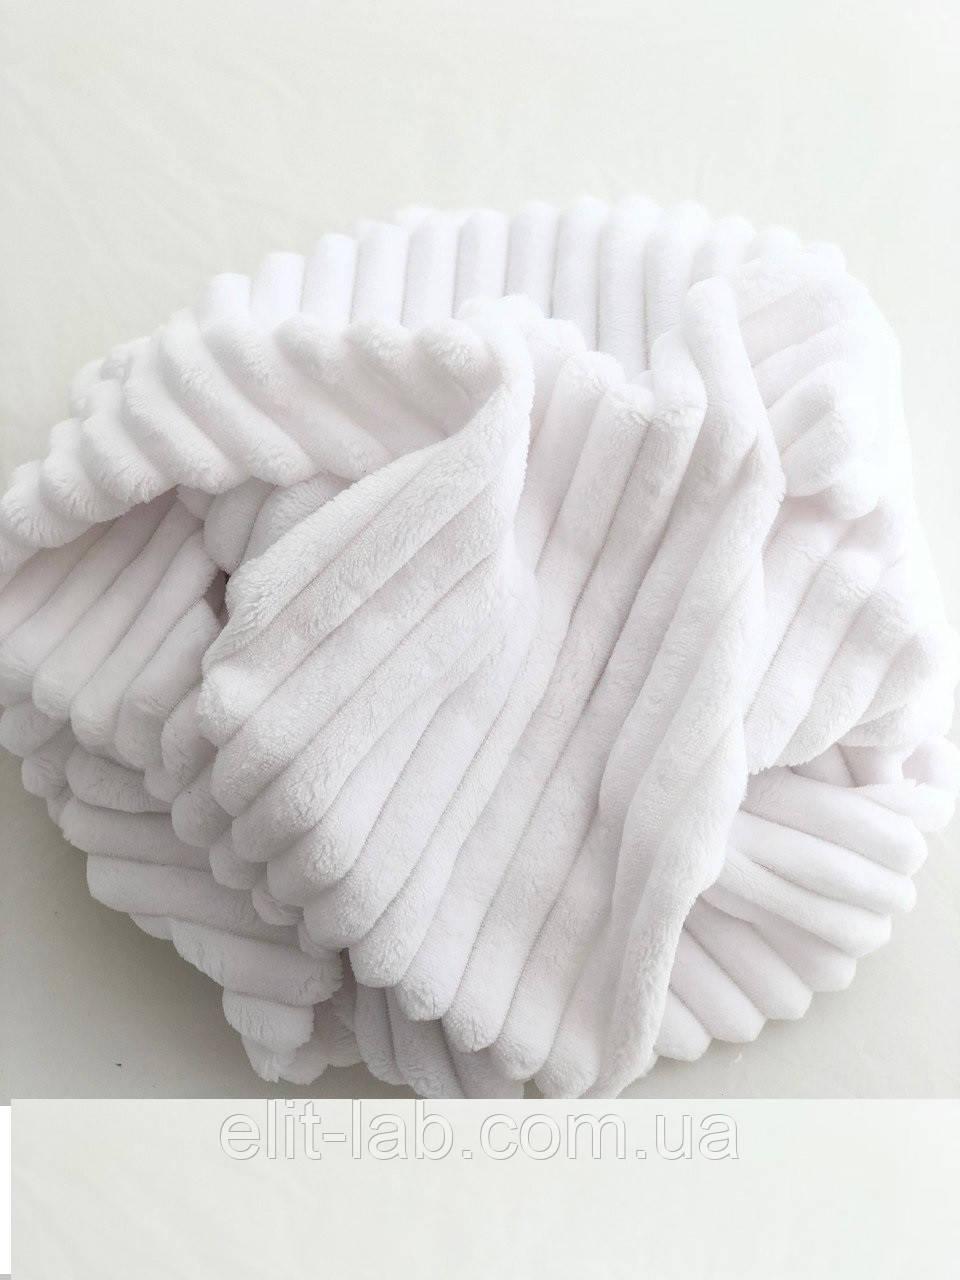 Плюшевий чохол на кушетку 76 см на 200 см - білий (шарпей)